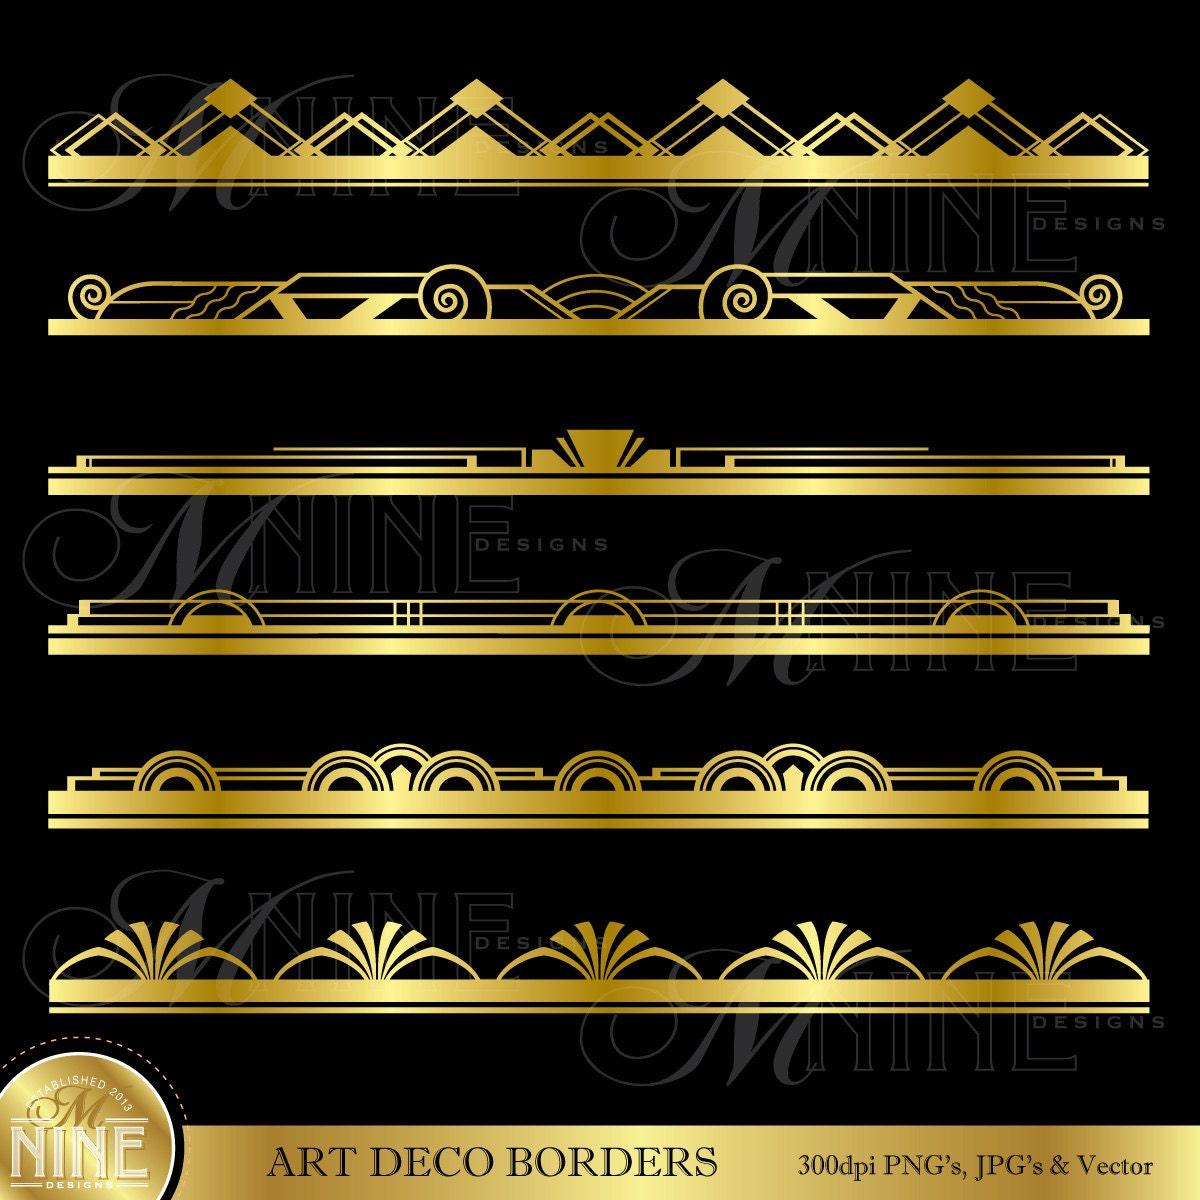 Gold art deco border clip art art deco design elements for Element deco design